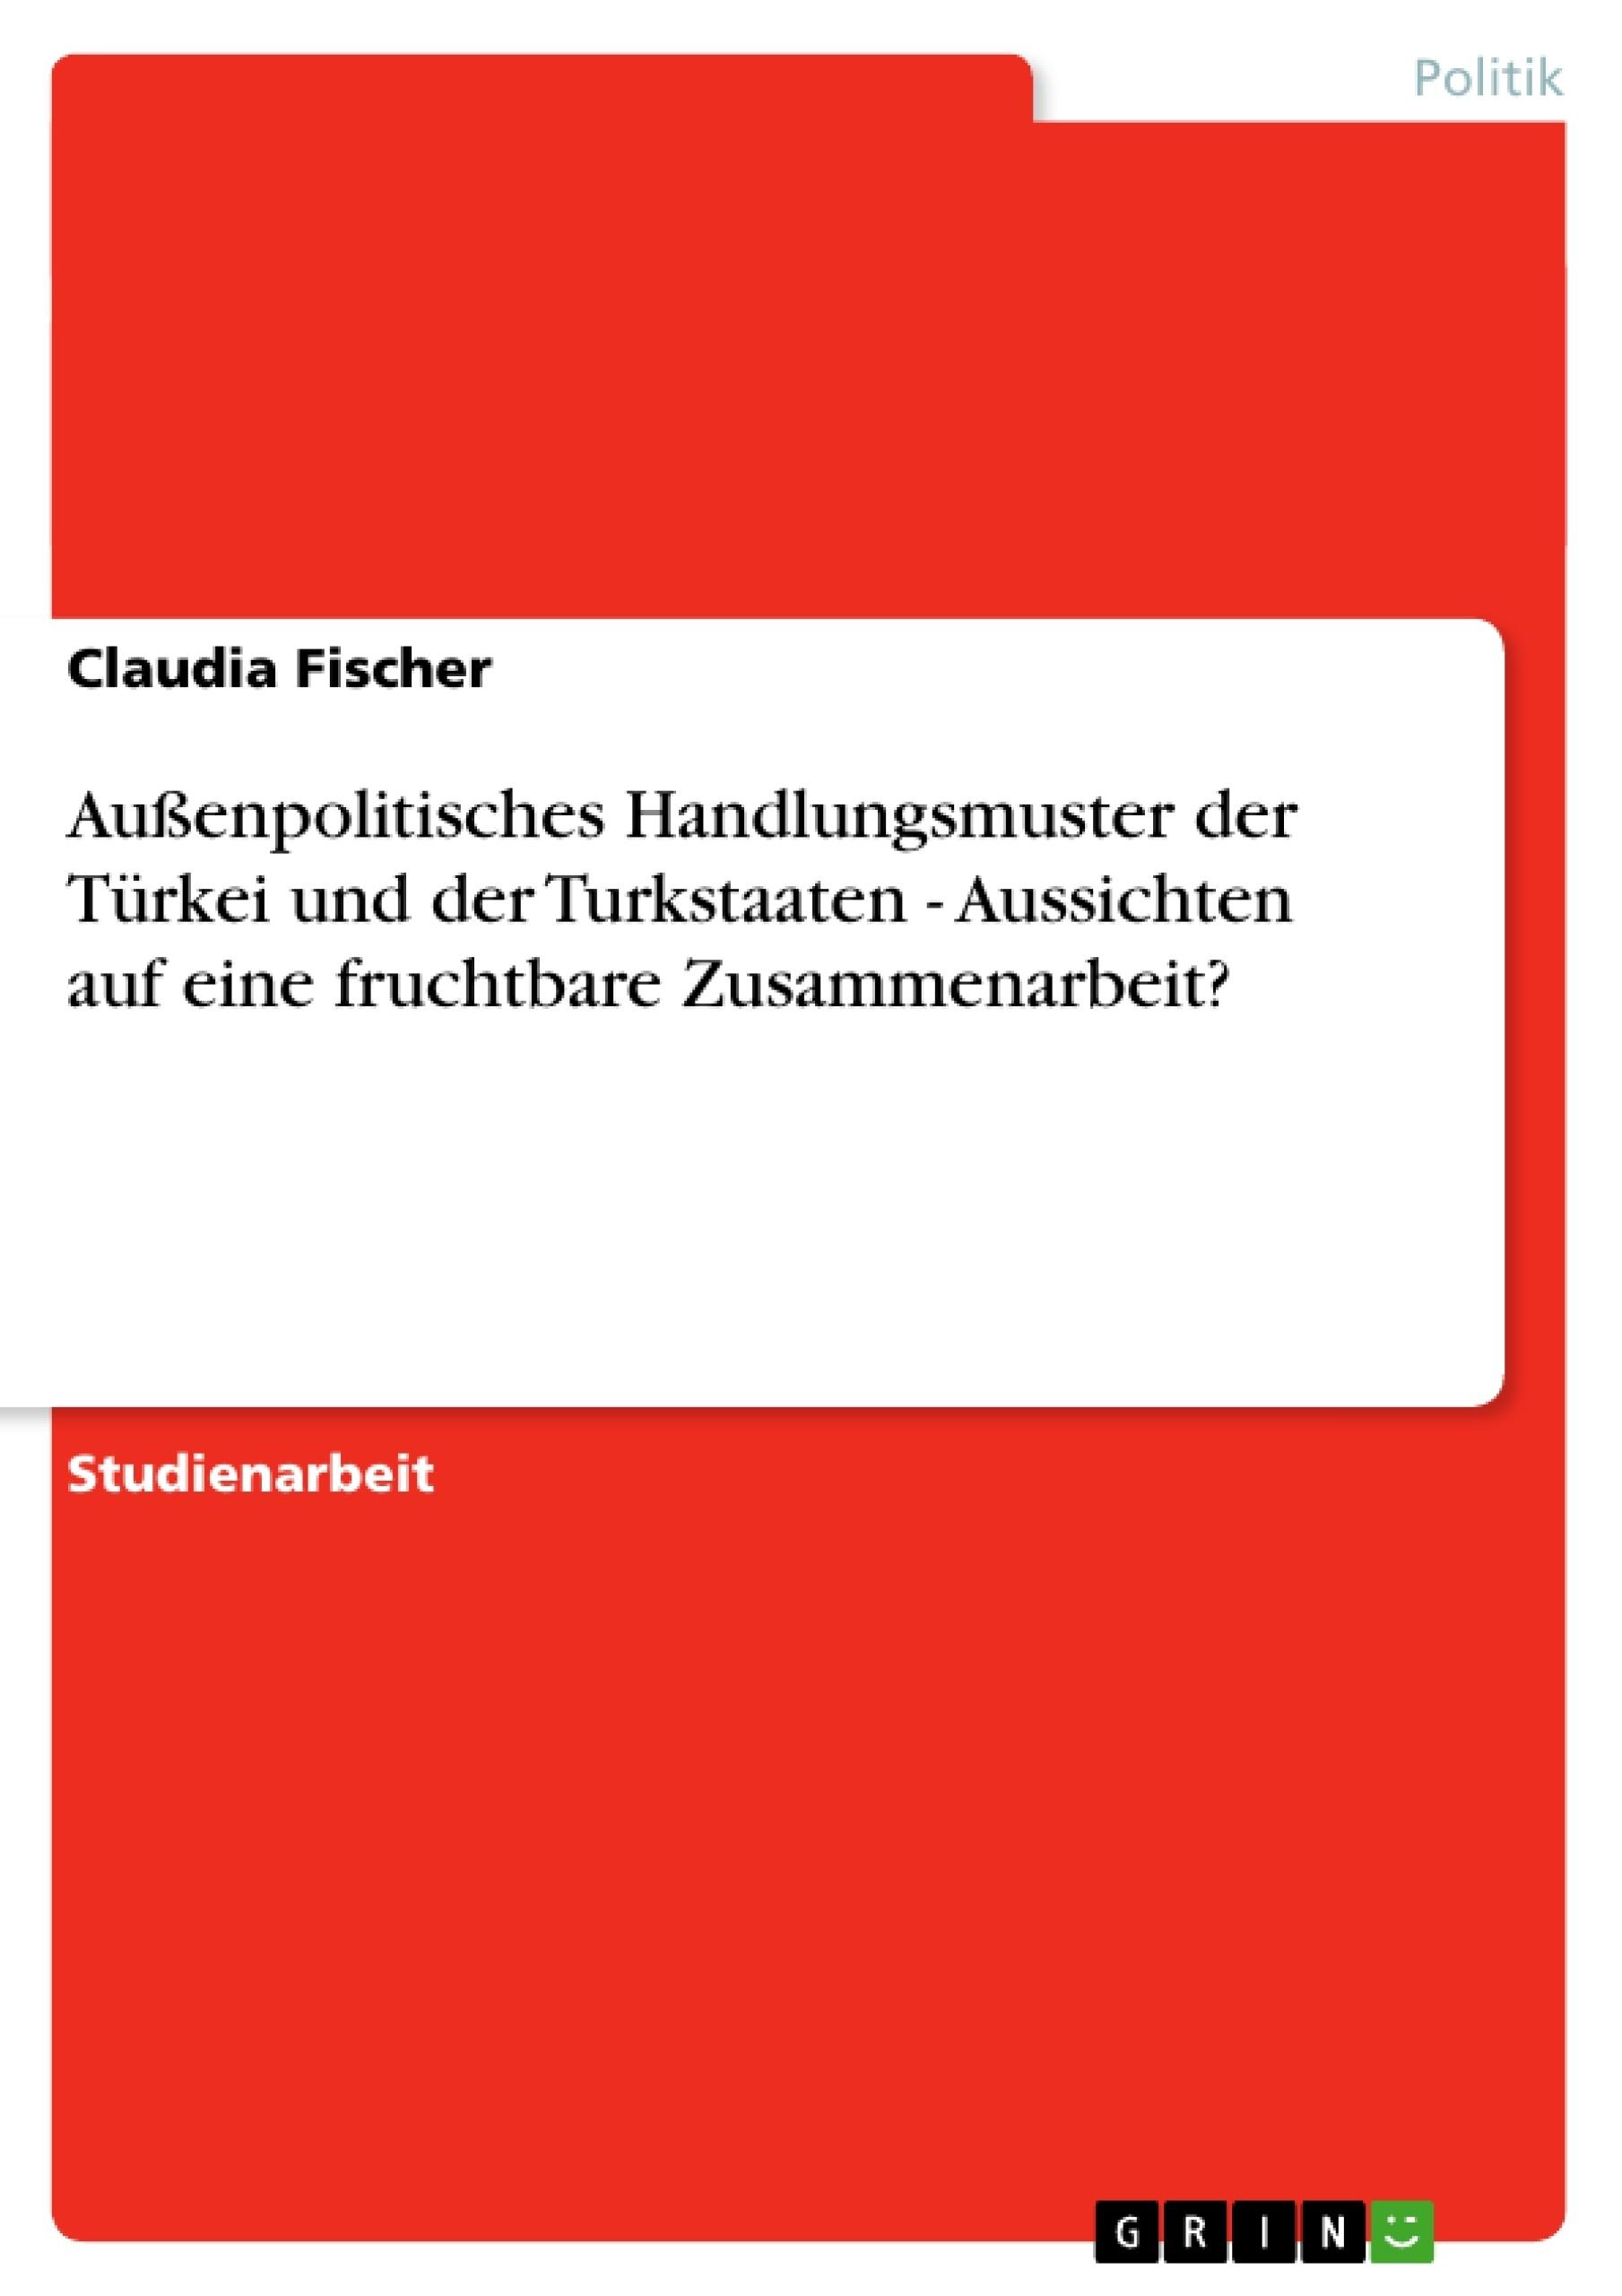 Titel: Außenpolitisches Handlungsmuster der Türkei und der Turkstaaten - Aussichten auf eine fruchtbare Zusammenarbeit?